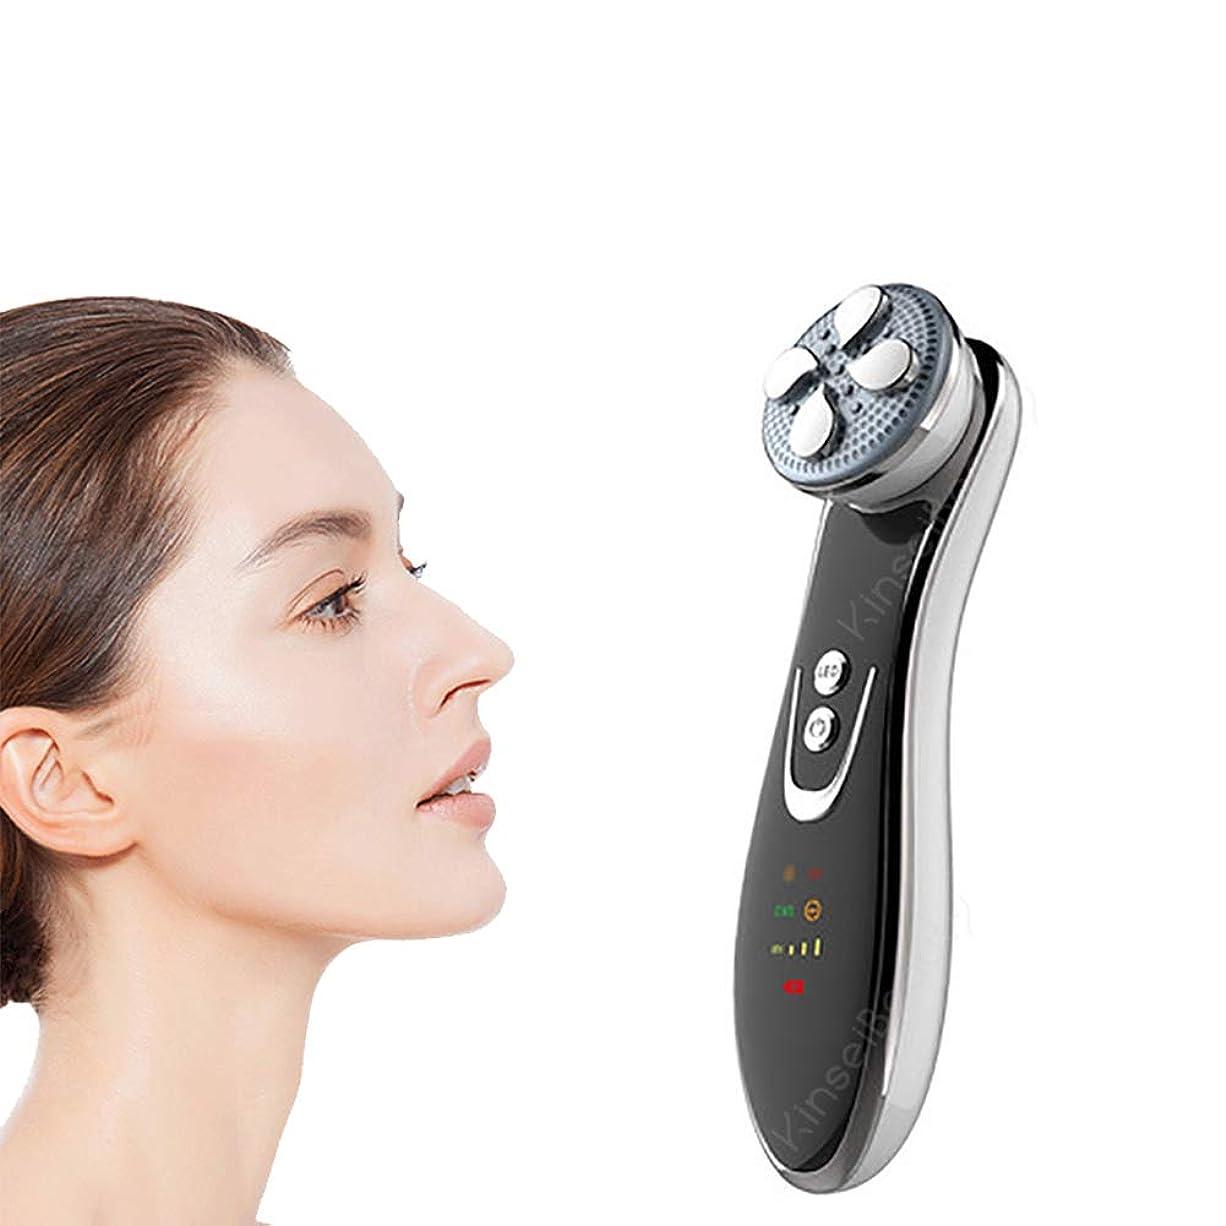 直立重荷デンプシーRFマッサージ、EMS顔の皮膚の若返り、ファーミング、アンチエイジングアンチリンクルブラックヘッド美容機器を持ち上げます,白